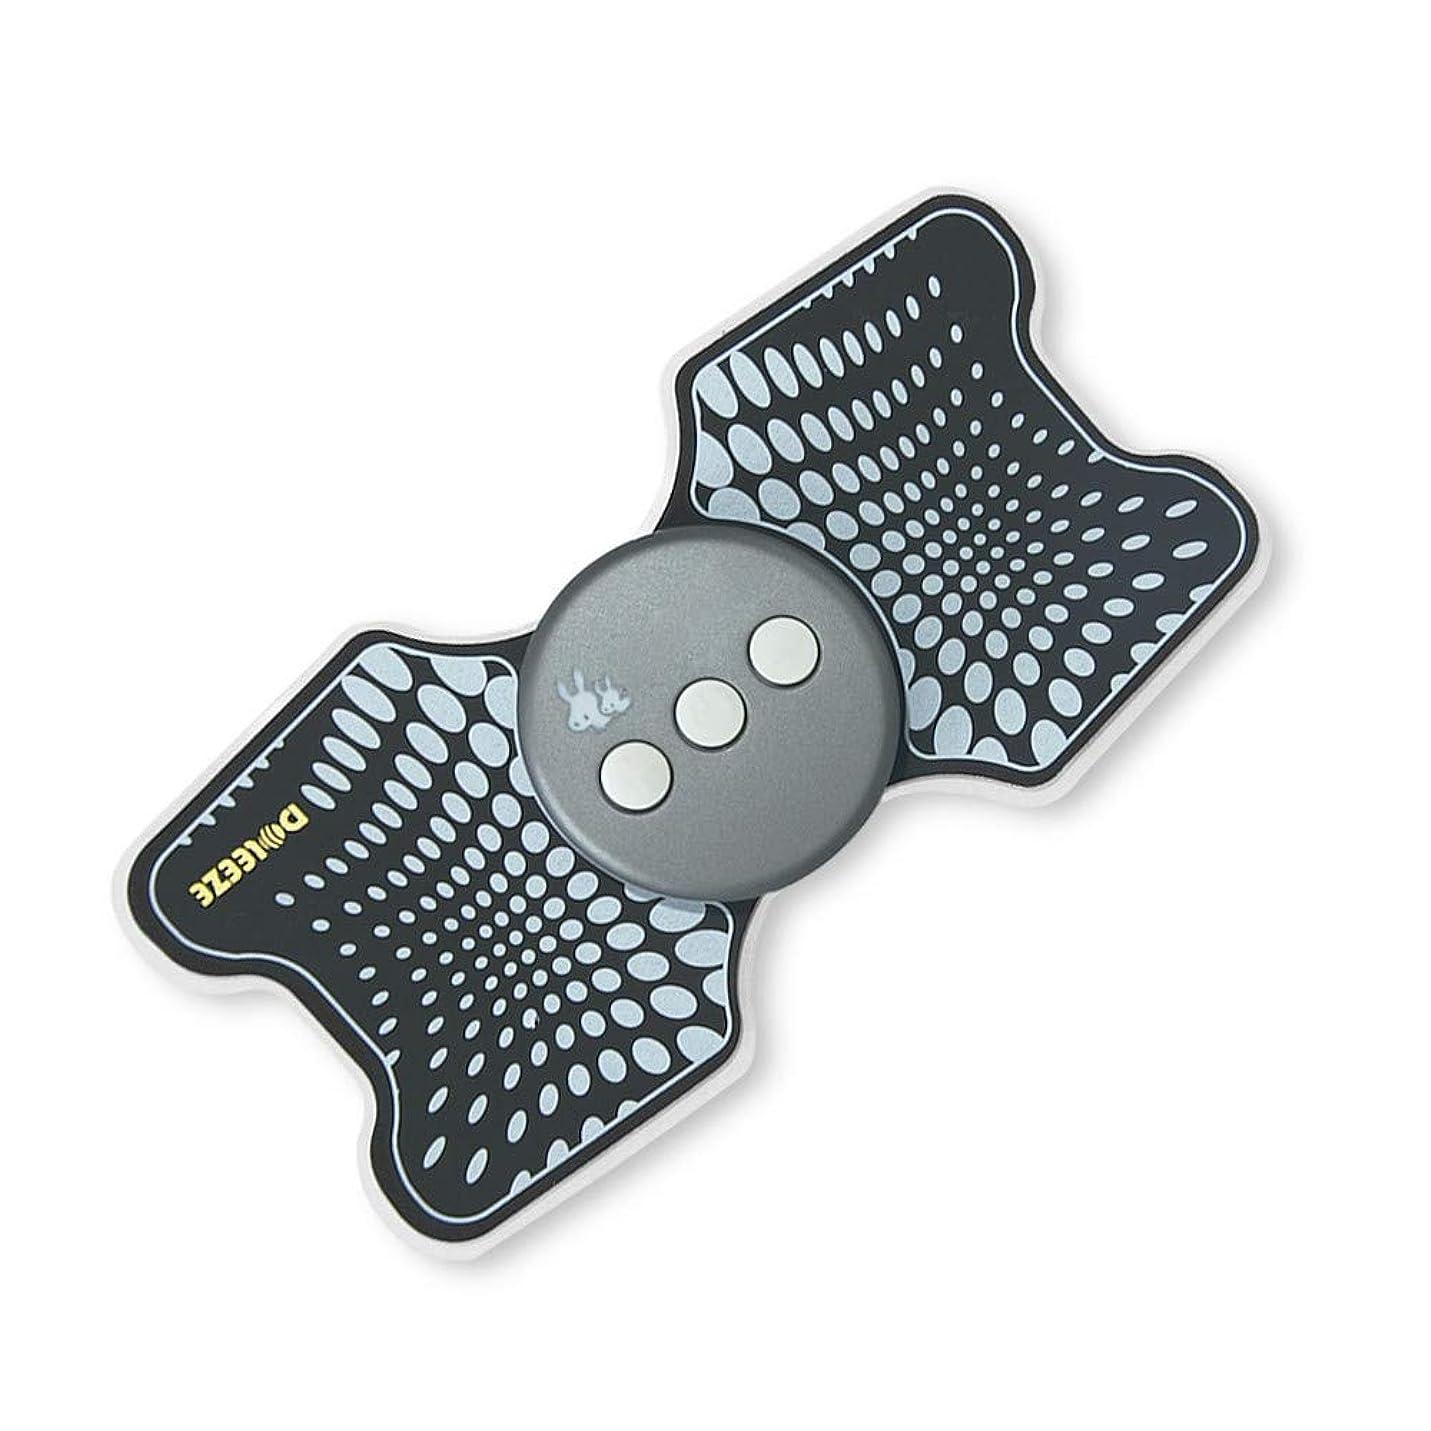 一掃する秀でる訪問Lekocミニマッサージャー 低周波治療器 9モード 十段階調整 USB充電式 筋肉 背中 足 子牛手 首 肩 腰 腹 全身用 軽量 携帯便利 家庭用 運動用 (ブラック)